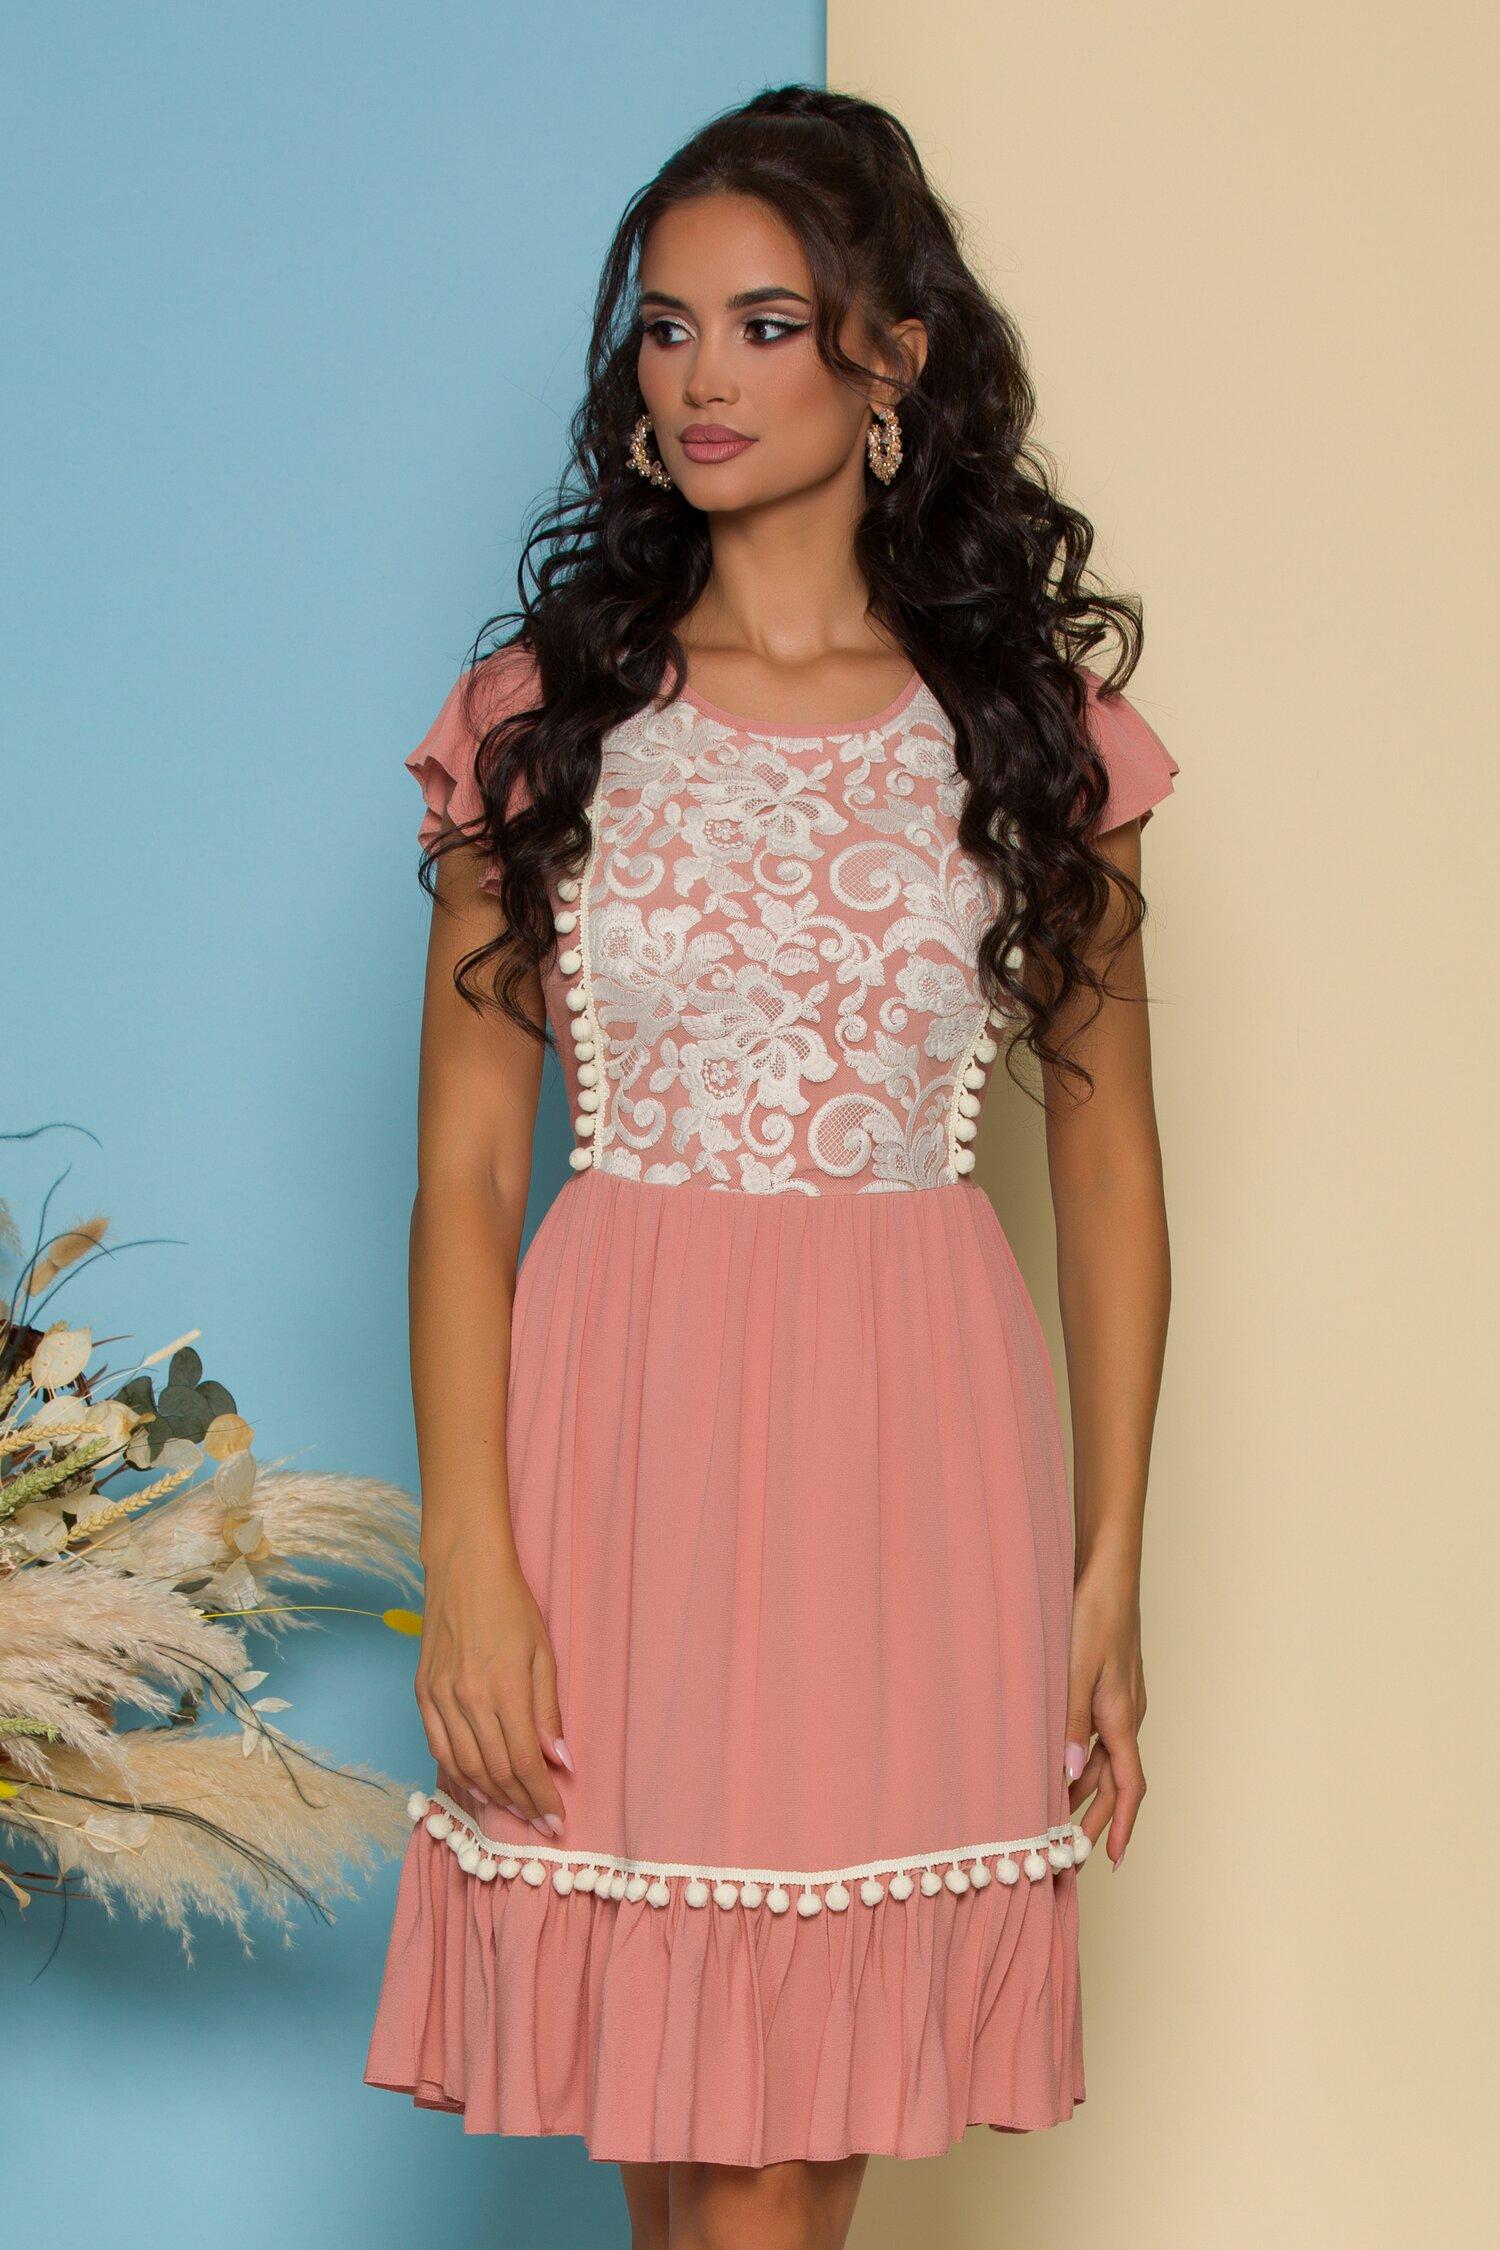 Rochie LaDonna roz prafuit cu broderie florala alba la bust si ciucuri la baza